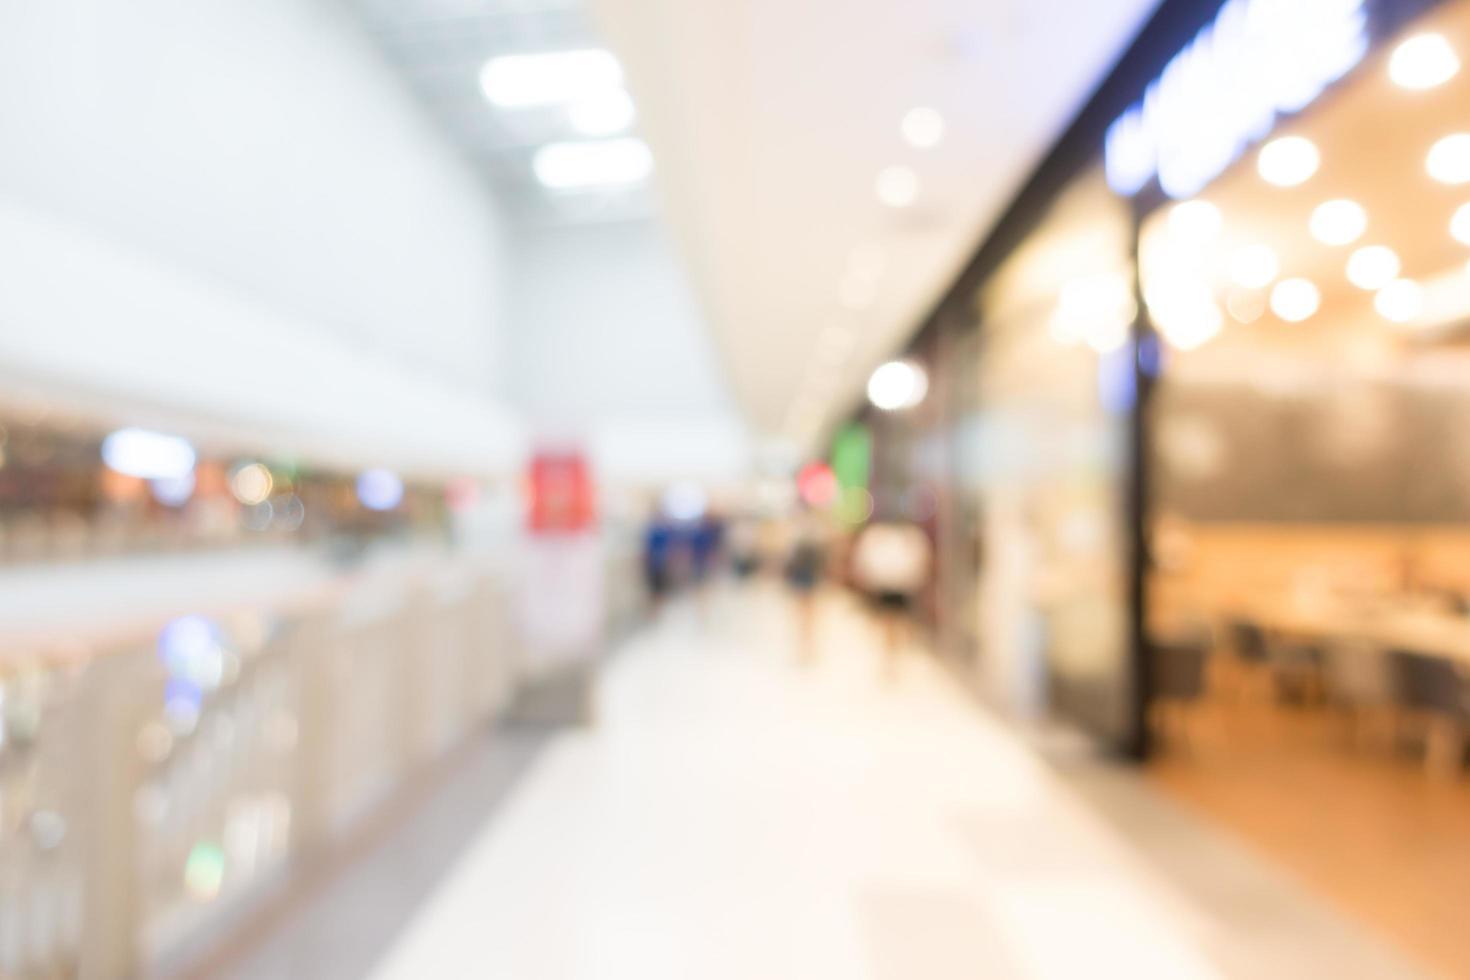 abstrakt defokussiertes Einkaufszentrum Interieur für Hintergrund foto